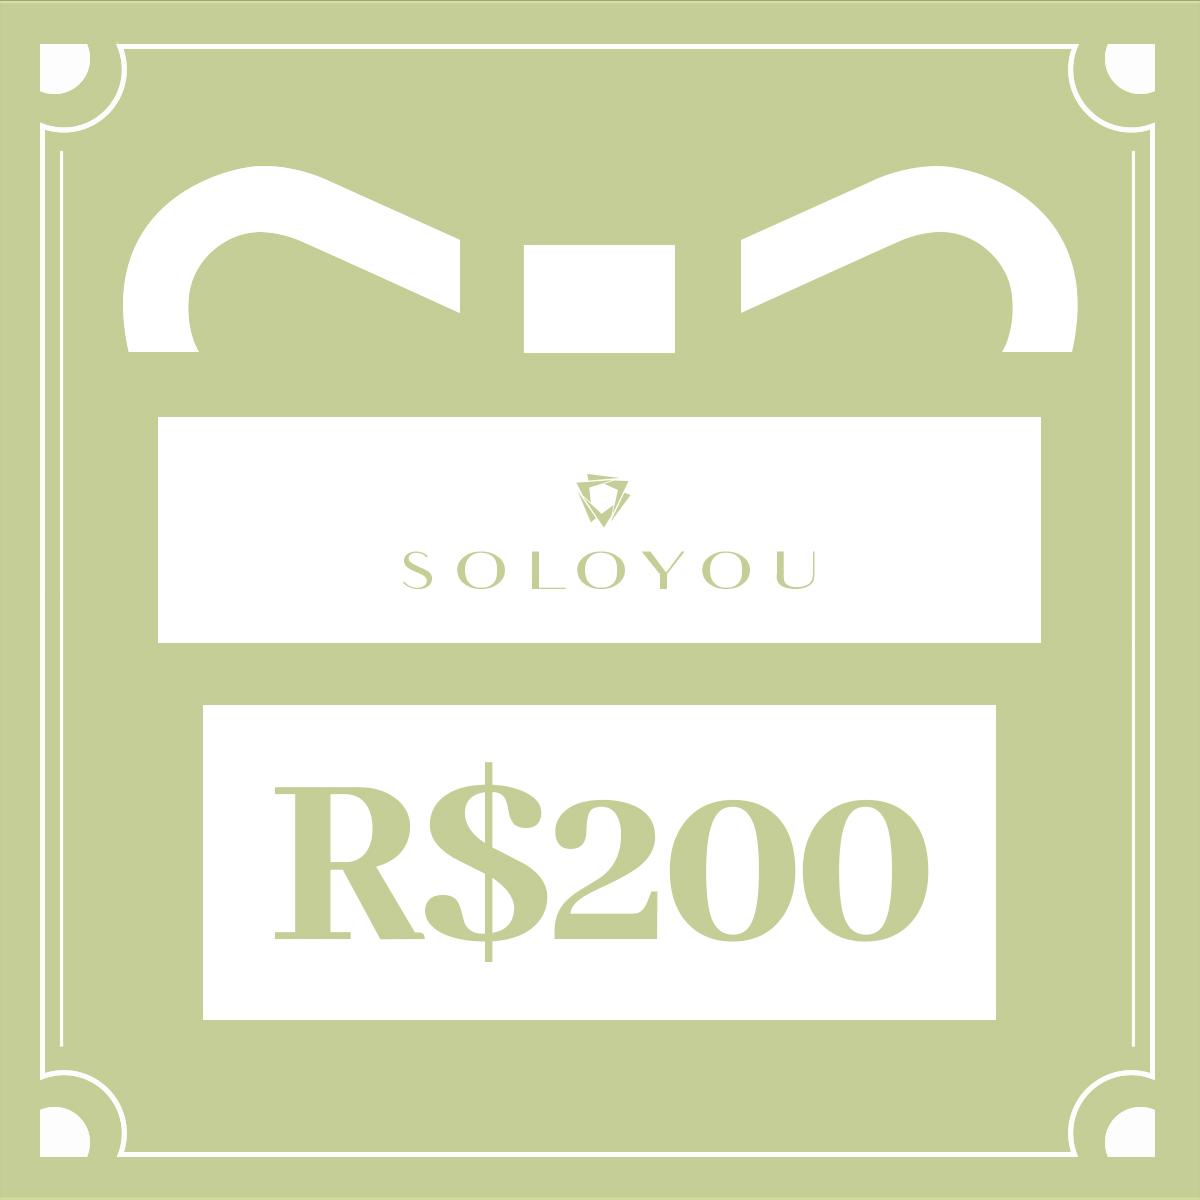 Cartão Presente Surpreenda com Soloyou - R$ 200  - Soloyou